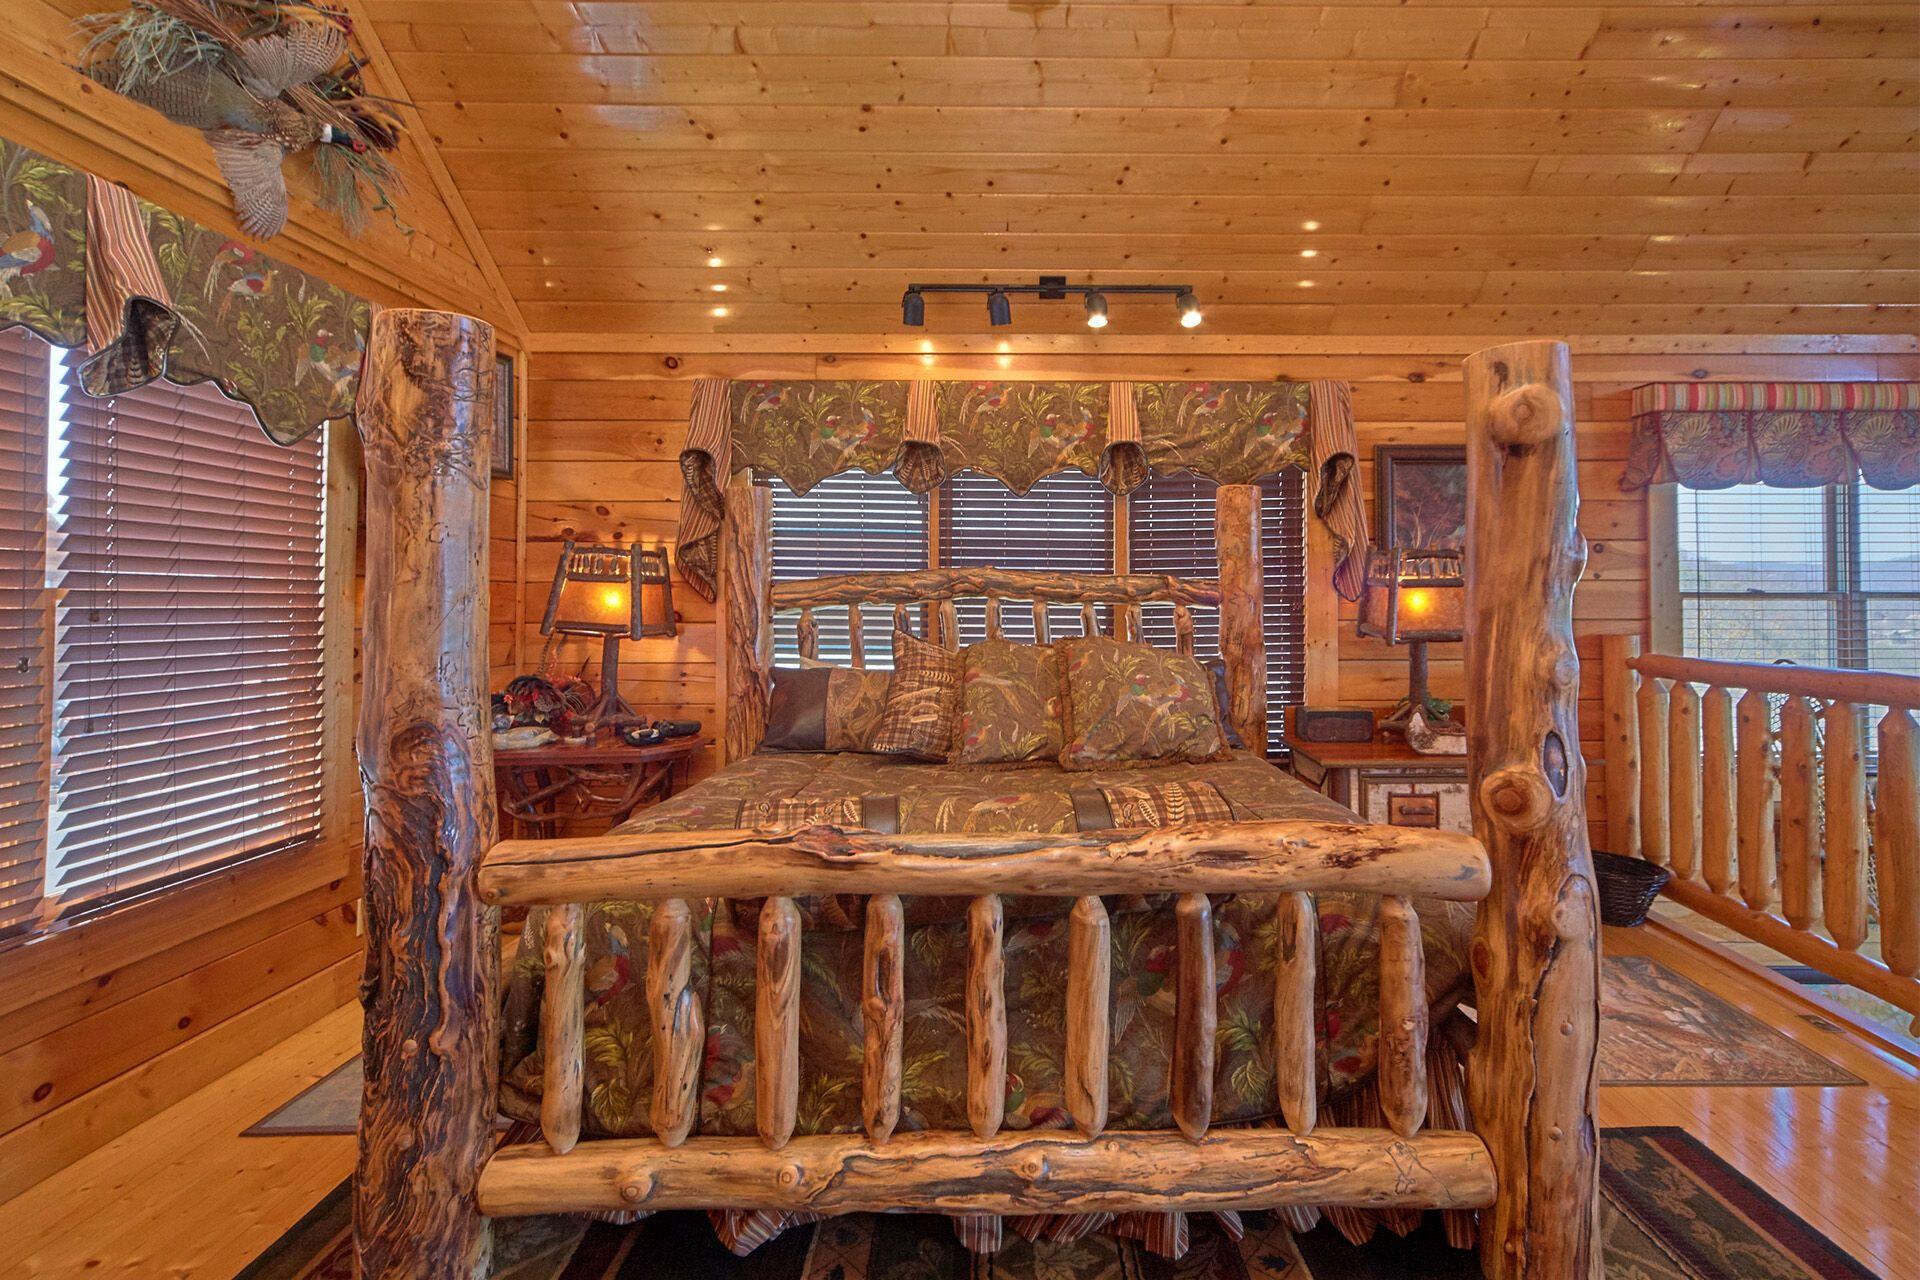 Properties Hearthside Cabin Rentals In The Smokies Cabin Cabins In The Smokies Small Cabin